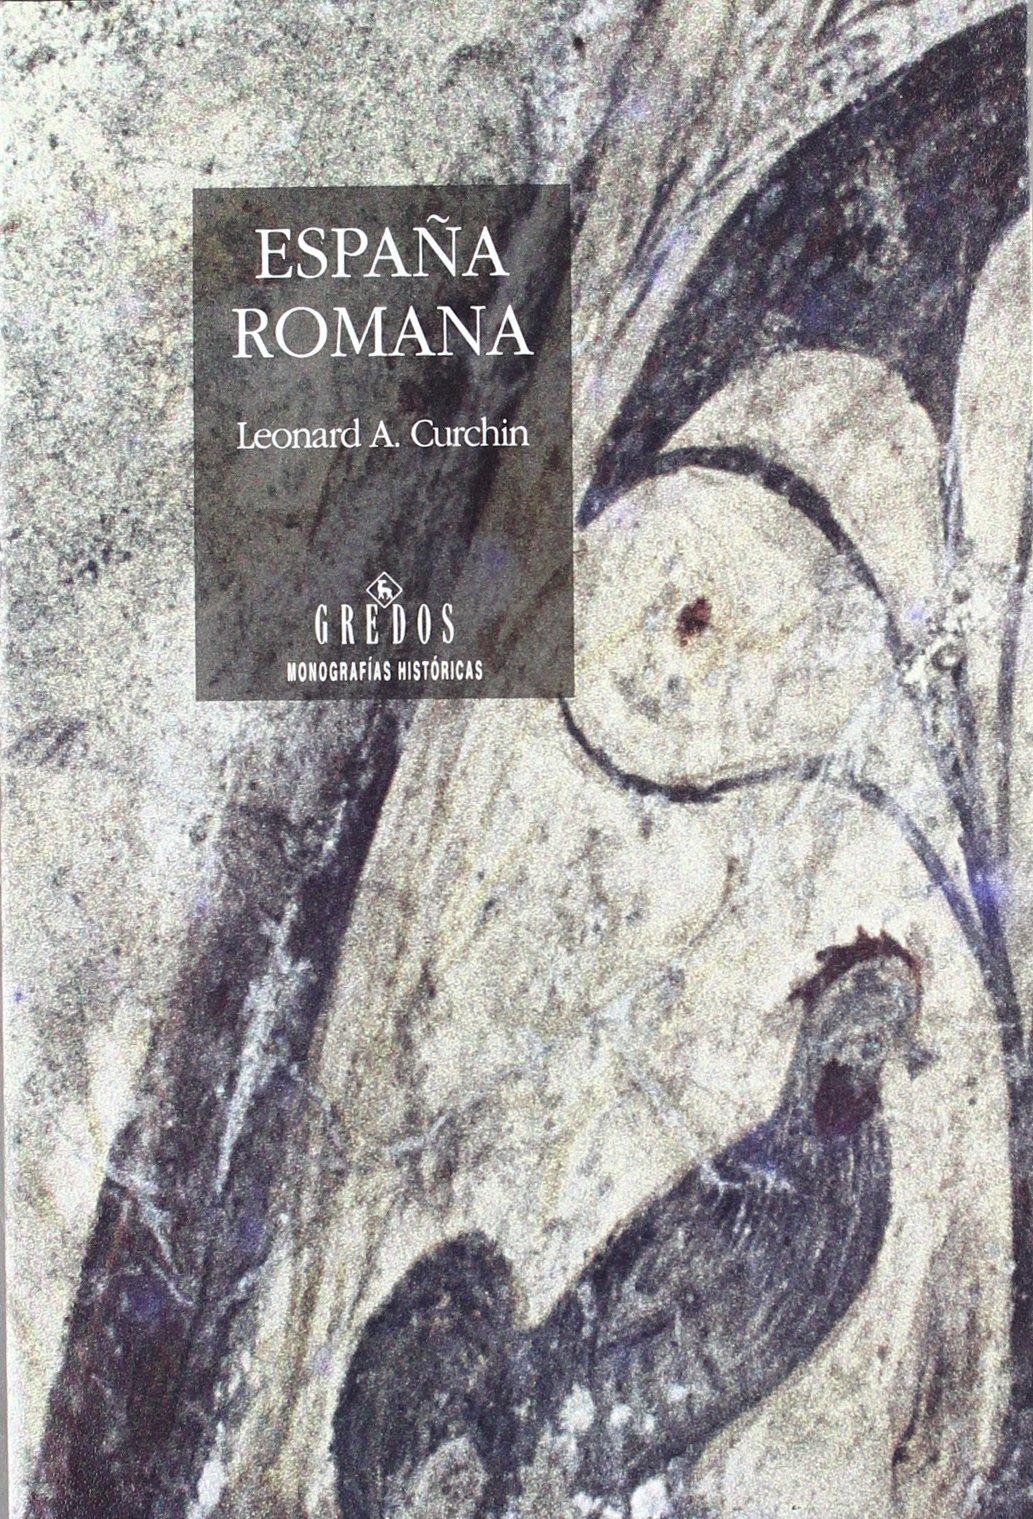 España romana: 010 (VARIOS GREDOS): Amazon.es: Curchin, Leonard A.: Libros